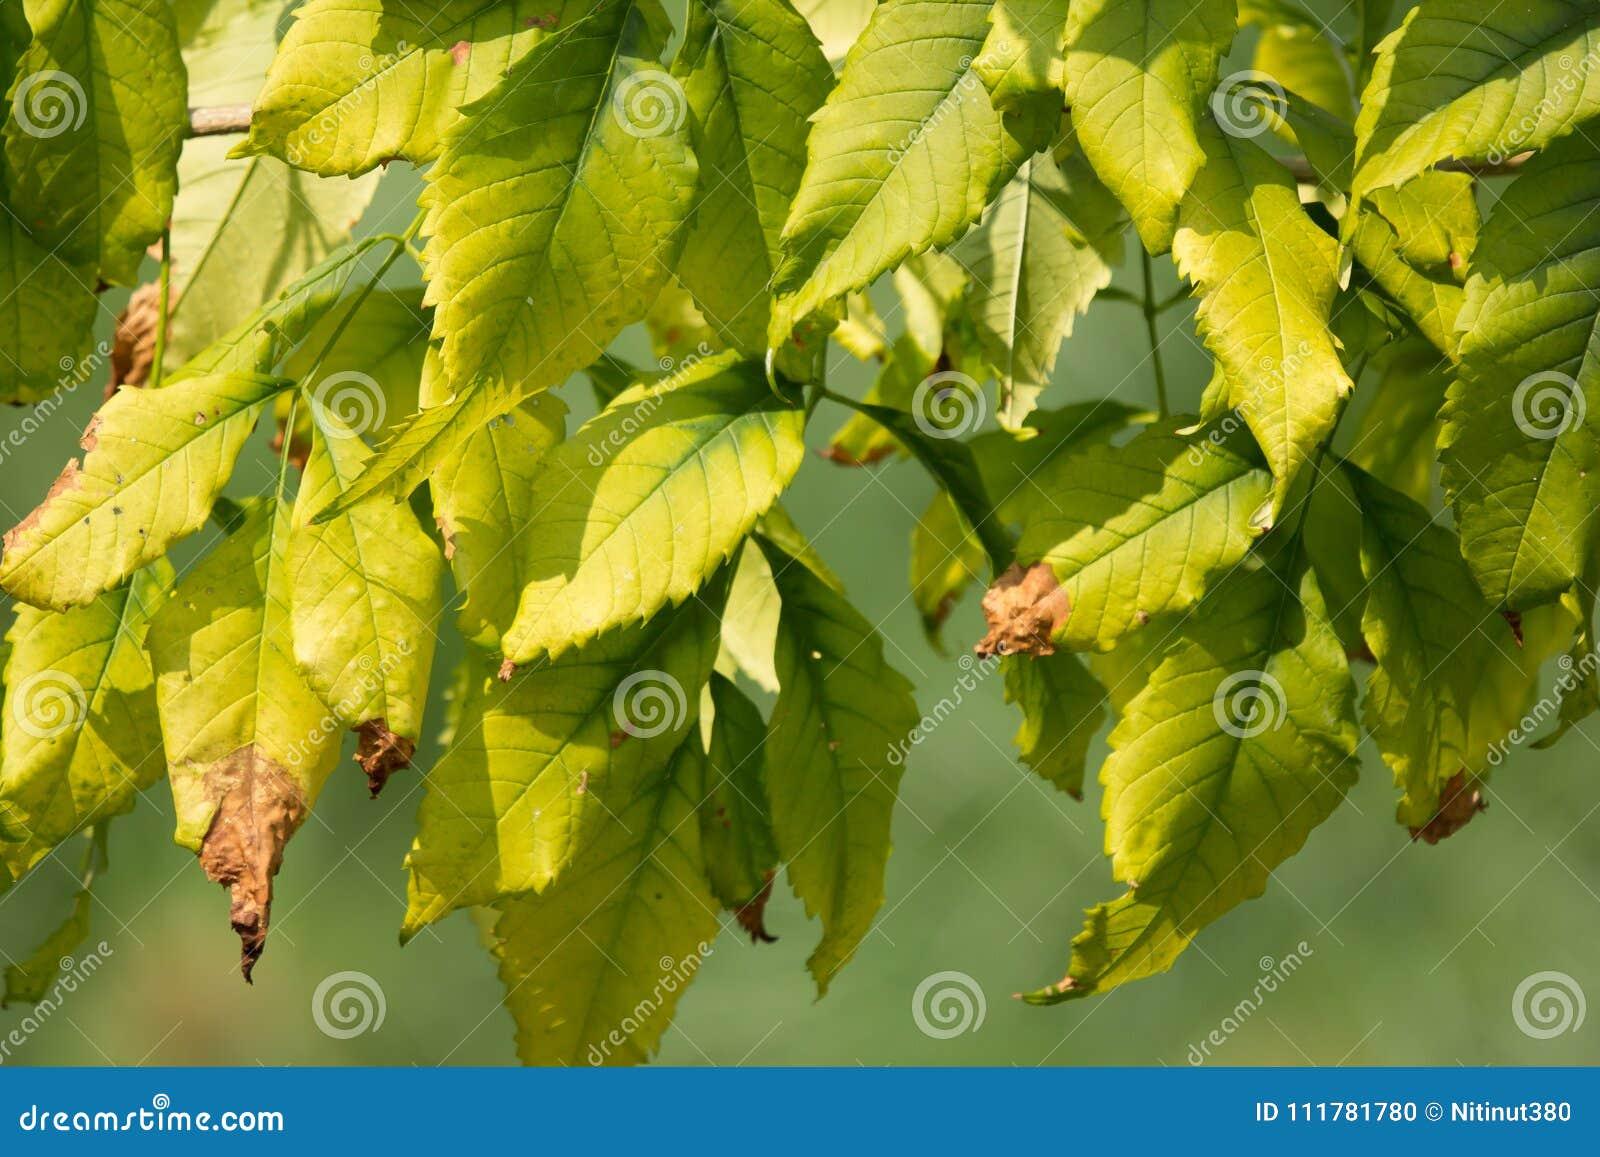 Schließen Sie oben vom grünen Blatt der gelben Ältestblume